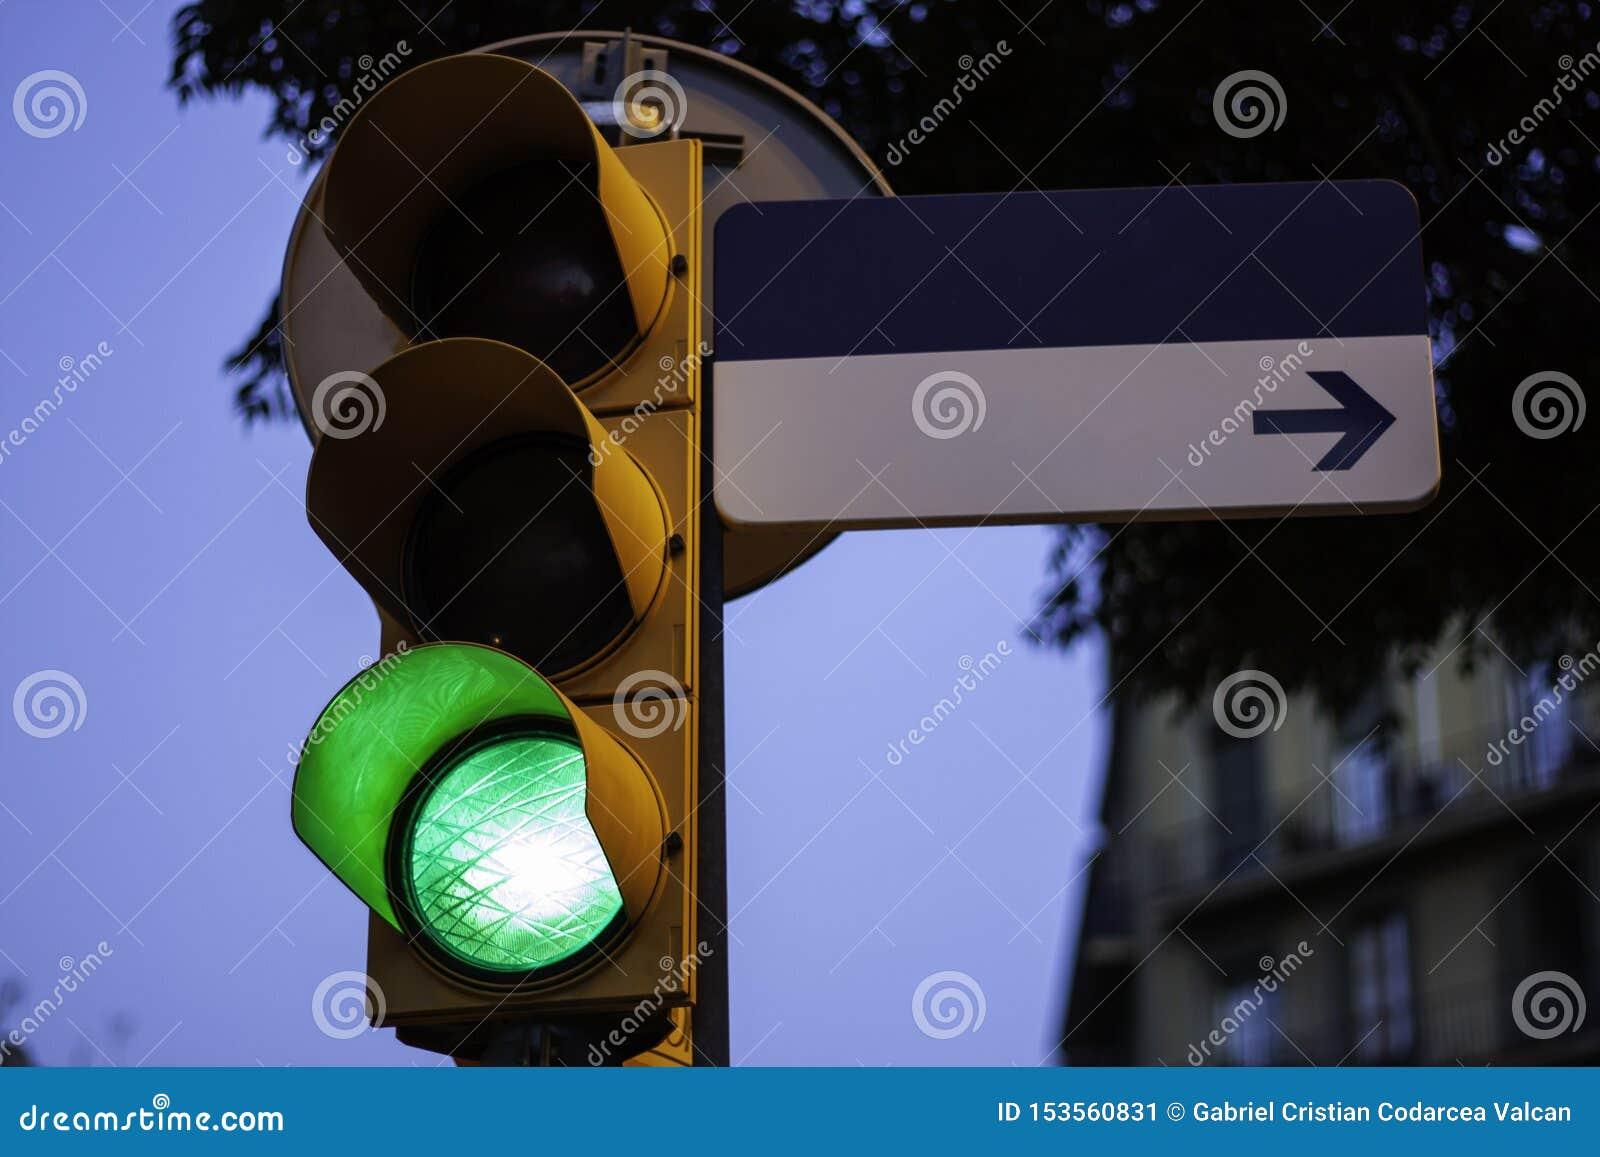 Verkeerslicht op groen met leeg straatteken voor exemplaarruimte